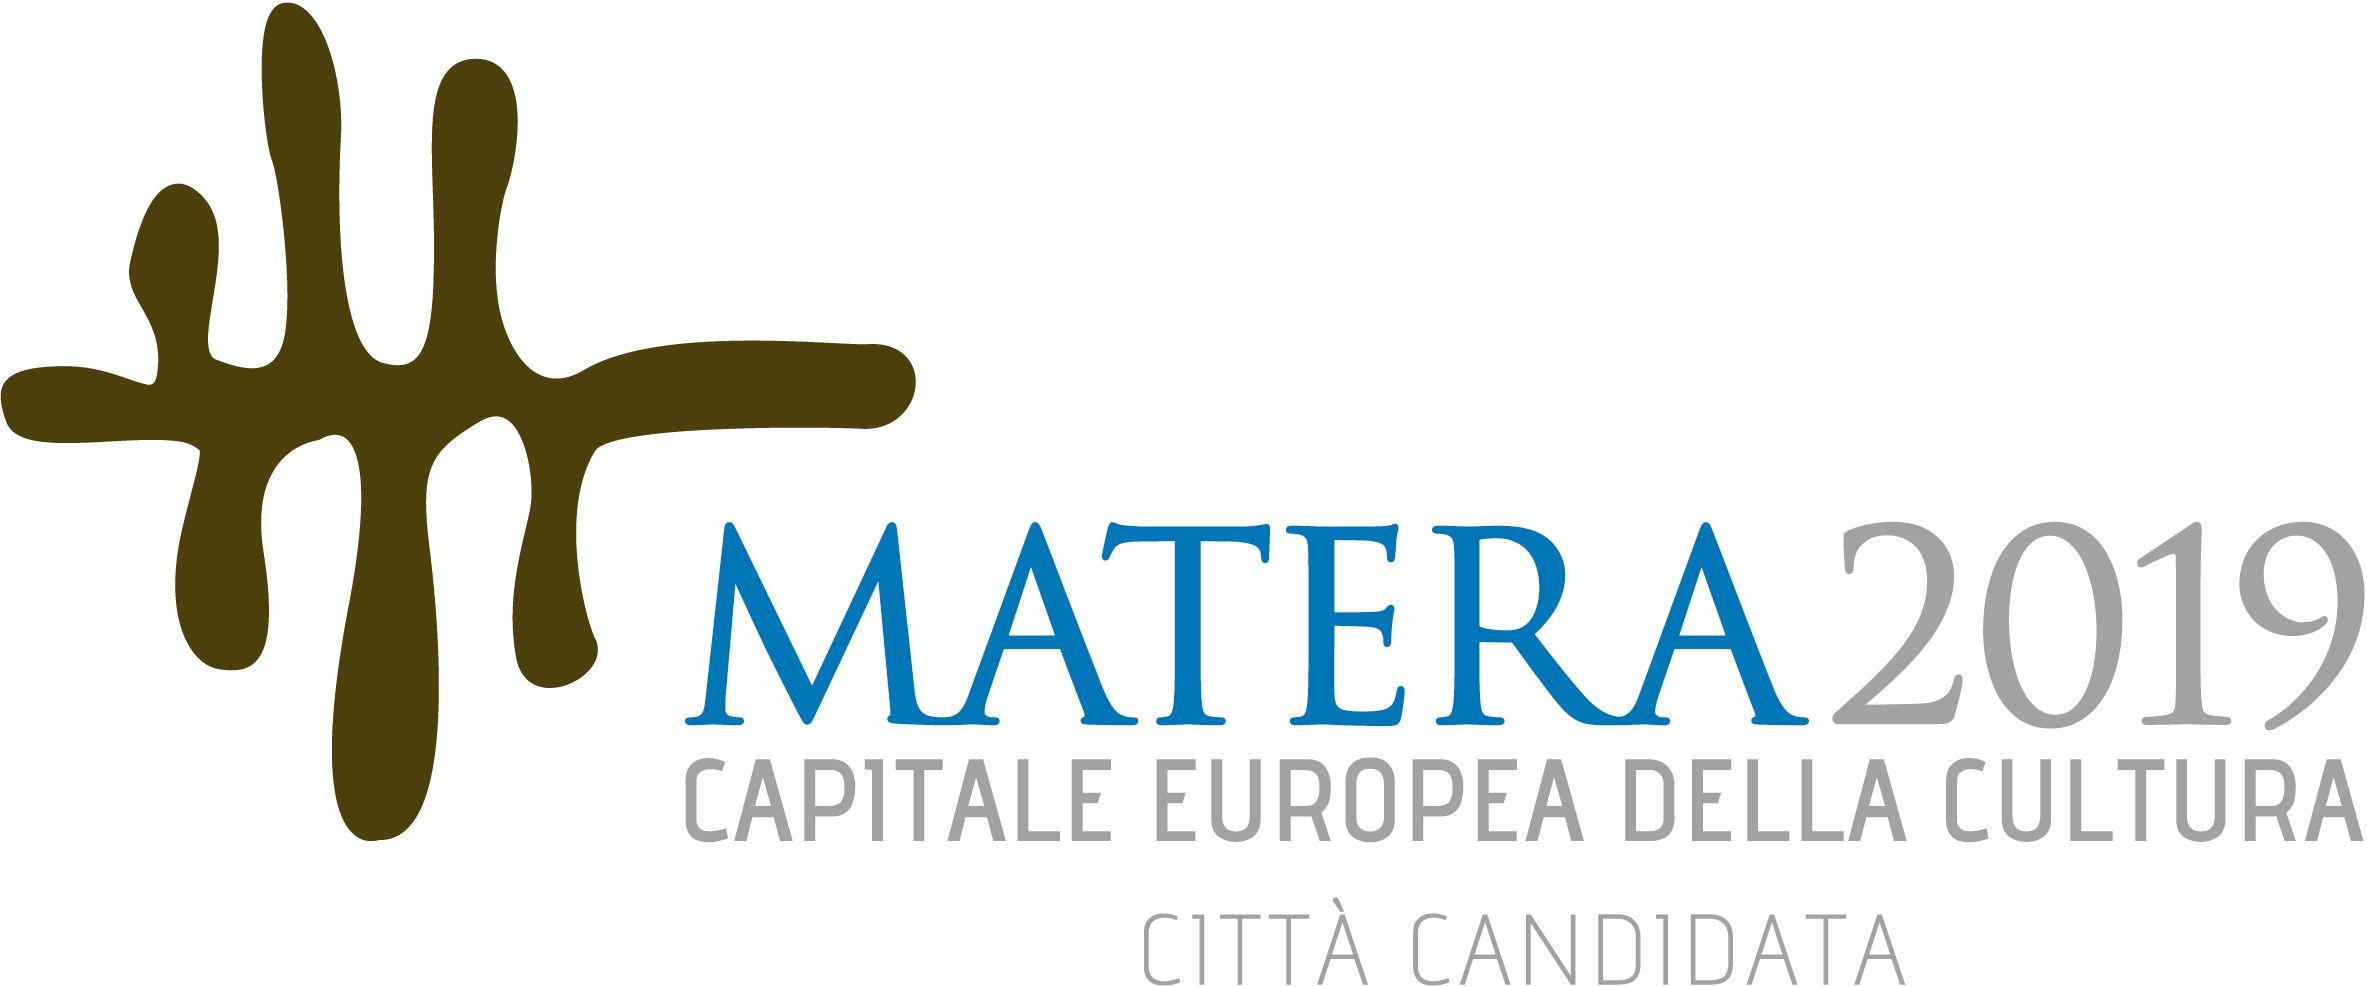 Capitale Europea della Cultura 2019, Matera è la vincitrice